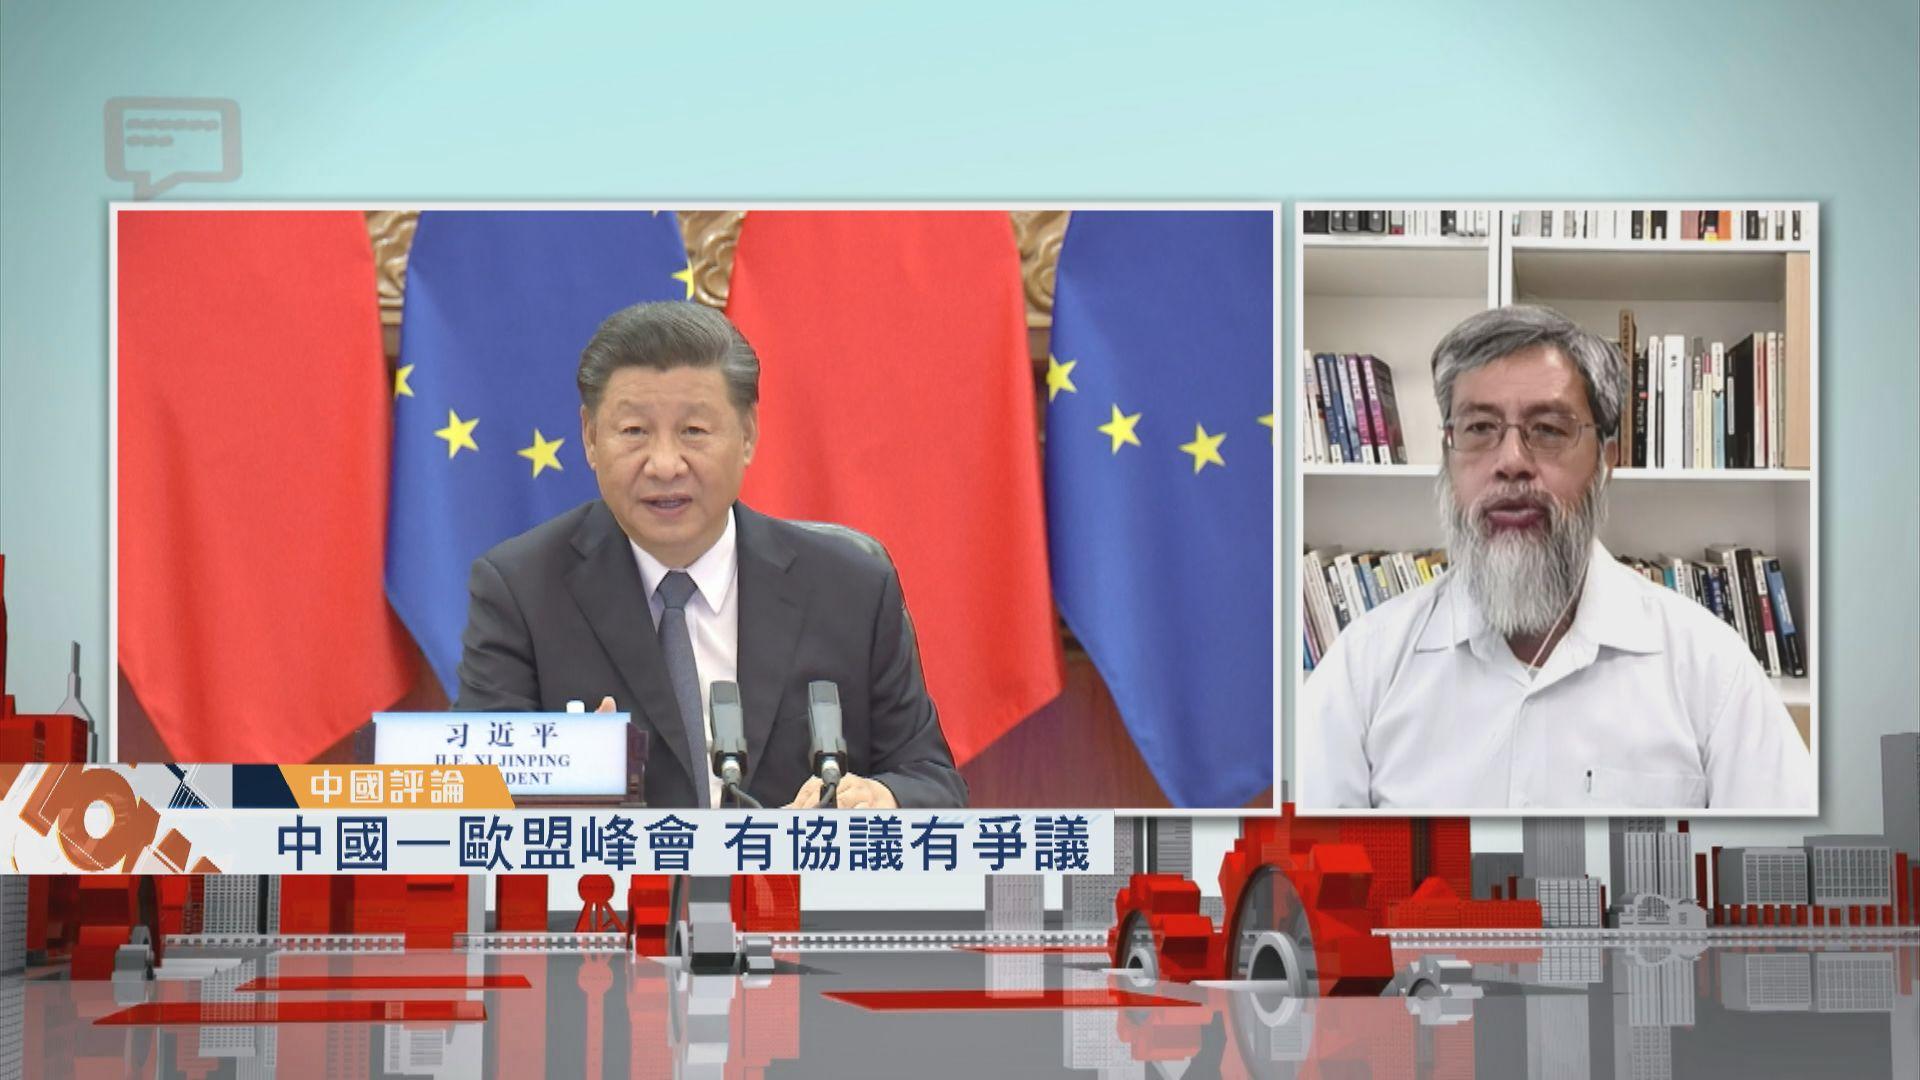 【中國評論】中國歐盟峰會/美國駐華大使突離任